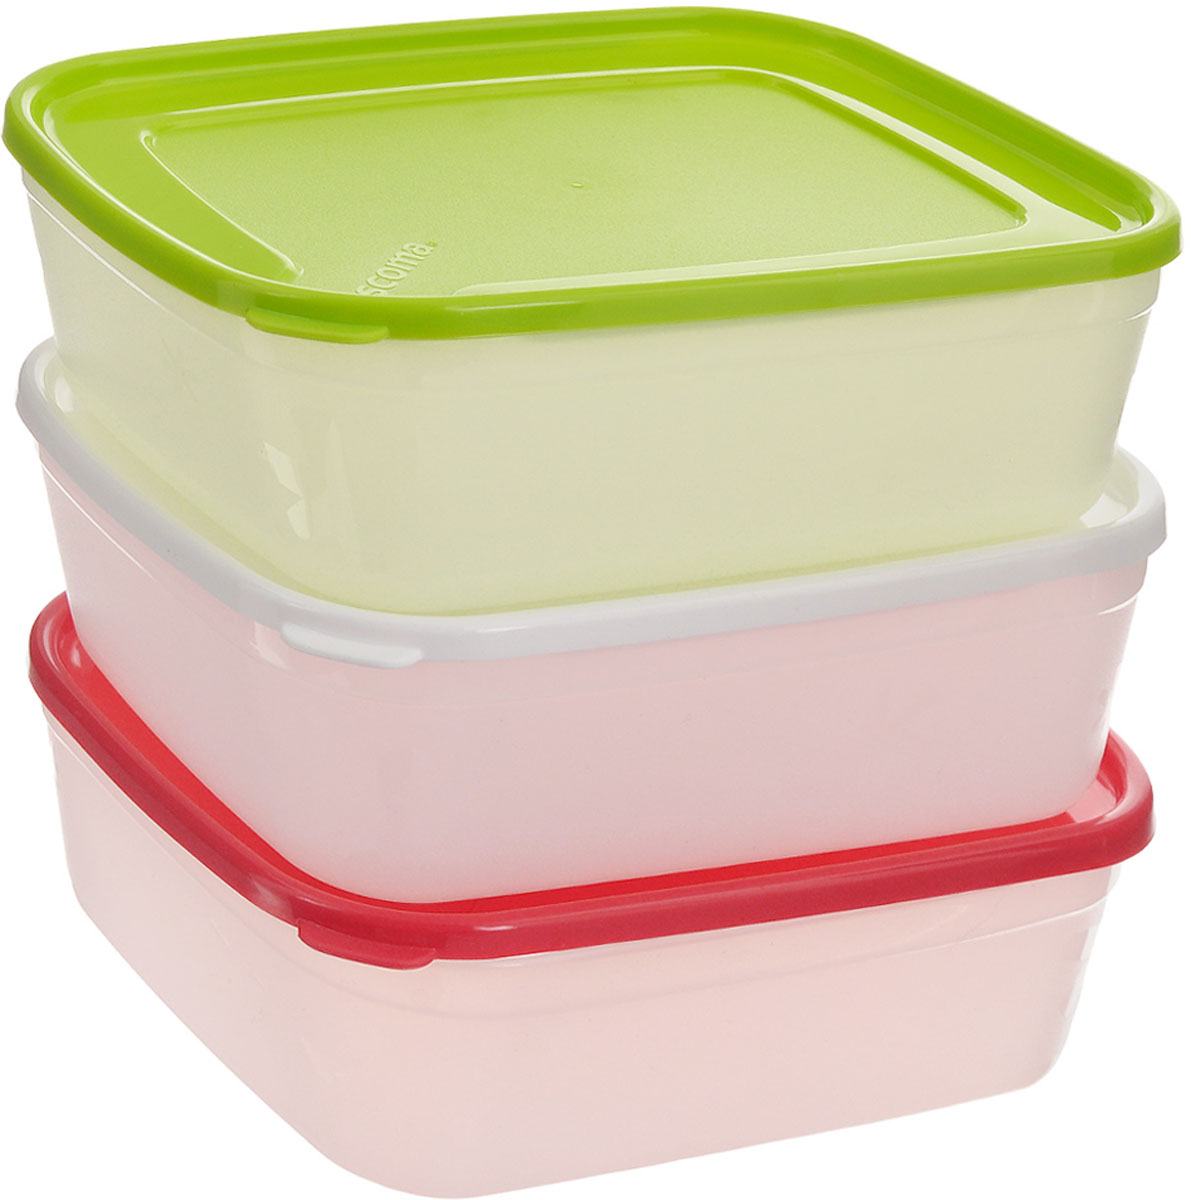 Набор контейнеров для заморозки Tescoma Purity, 1 л, 3 шт21395599Набор Tescoma Purity, выполненный из высококачественного пищевого пластика, состоит из трех контейнеров с плотно закрывающимися цветными крышками. Изделия отлично подходят для хранения продуктов в морозильной камере или холодильнике. Контейнеры удобно складываются друг в друга, что экономит пространство при хранении в шкафу.Пригодны для морозильников, холодильников, микроволновых печей. При использовании в микроволновой печи всегда оставляйте крышку приоткрытой. Можно мыть в посудомоечной машине. Объем контейнера: 1 л.Размер контейнера (без учета крышки): 17 х 13 х 6,7 см.